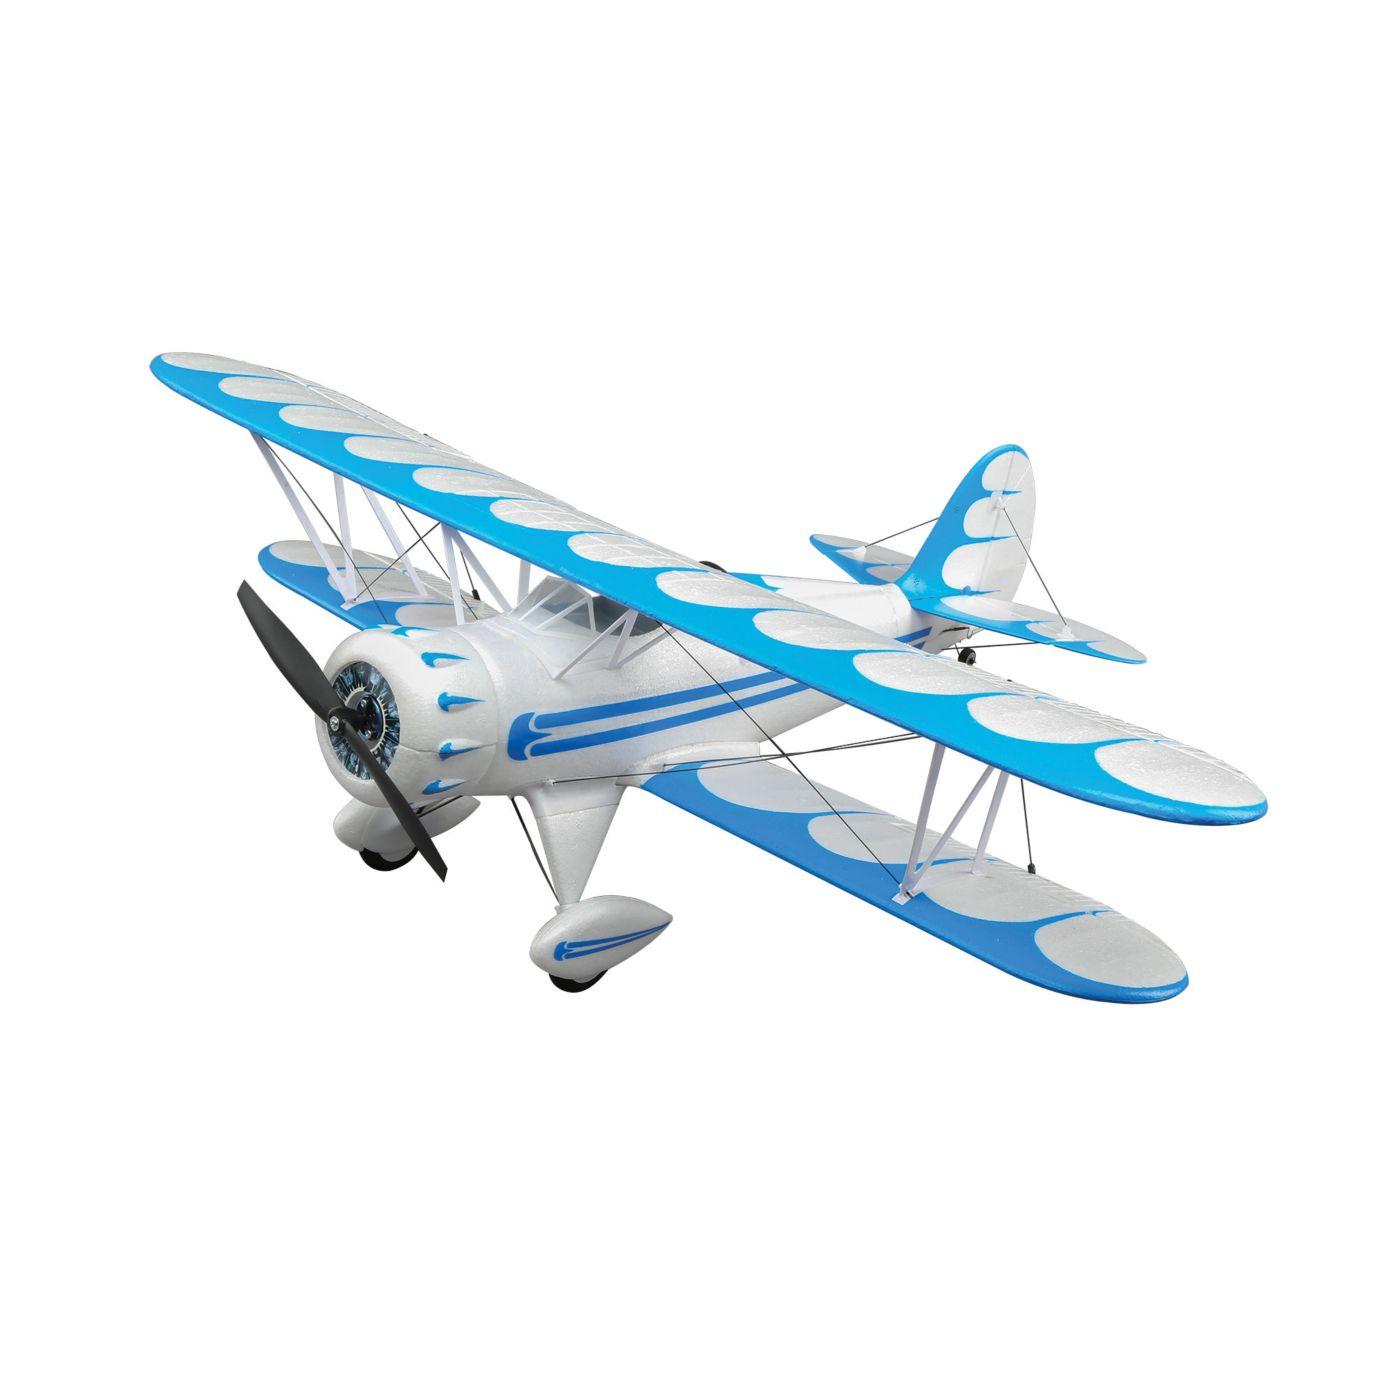 E-flite UMX Waco Biplano BL EDF BNF AS3X 02